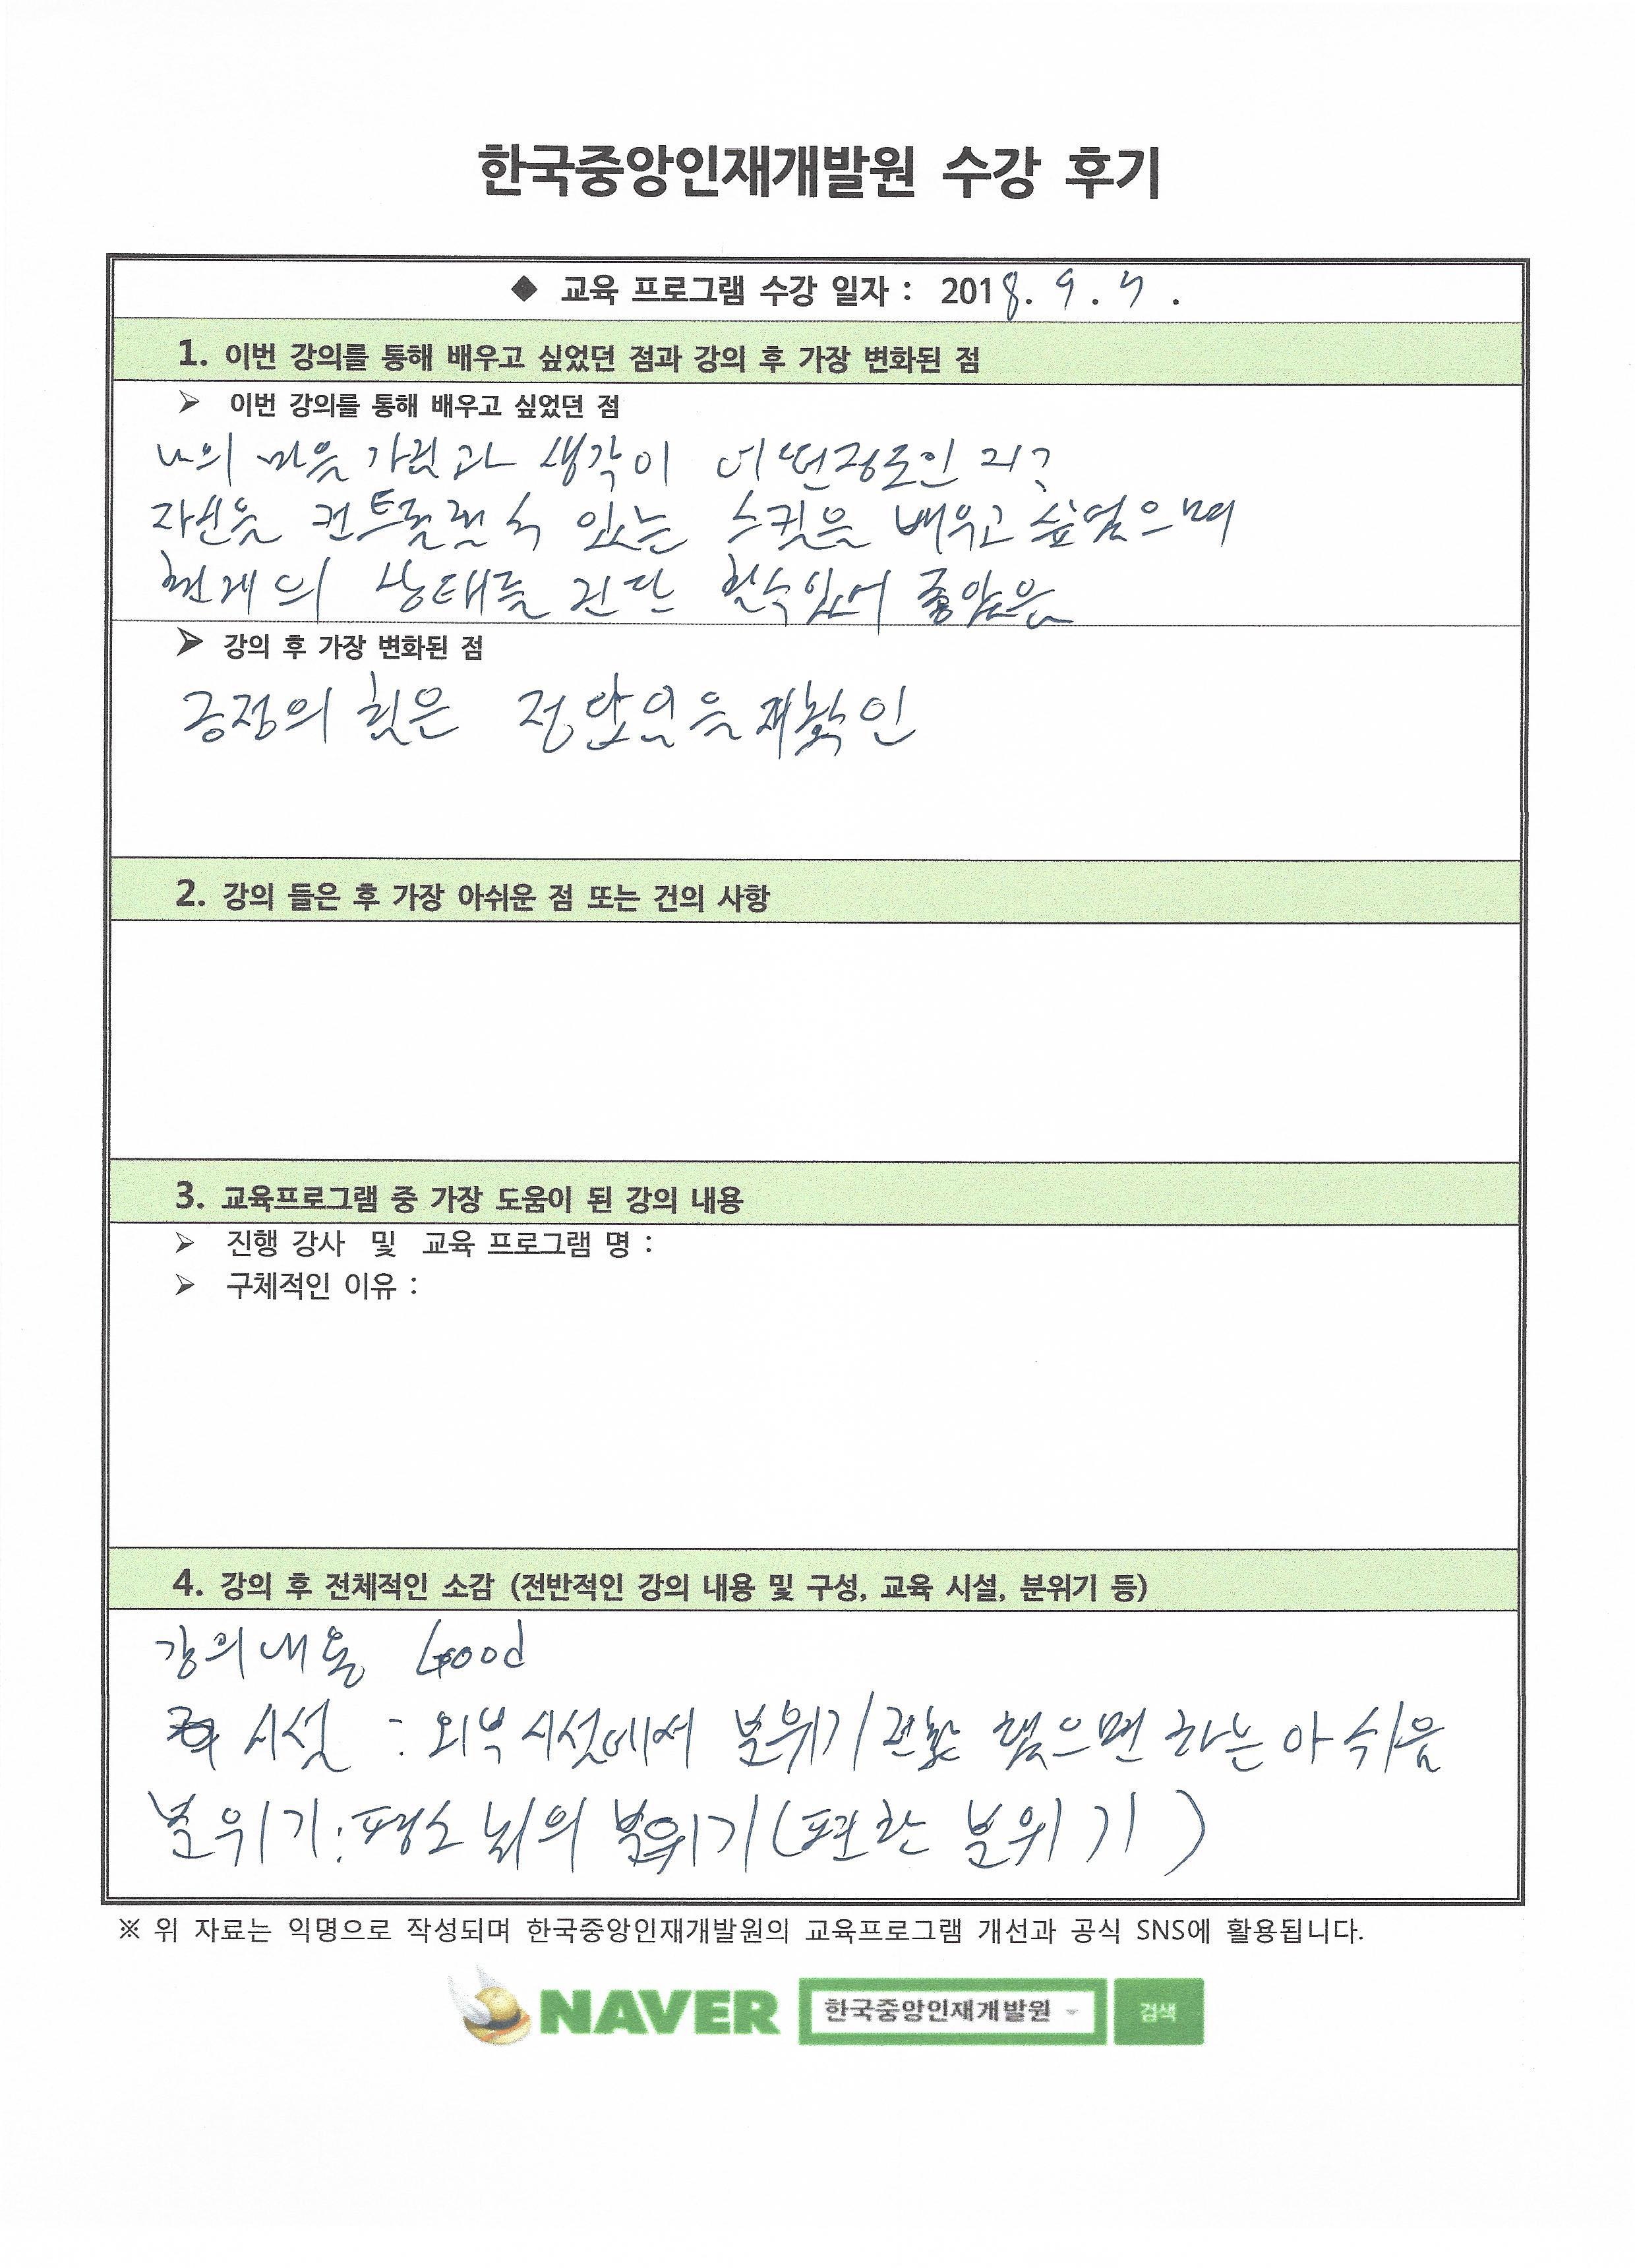 아진엑스텍후기 0907-11 사본.jpg